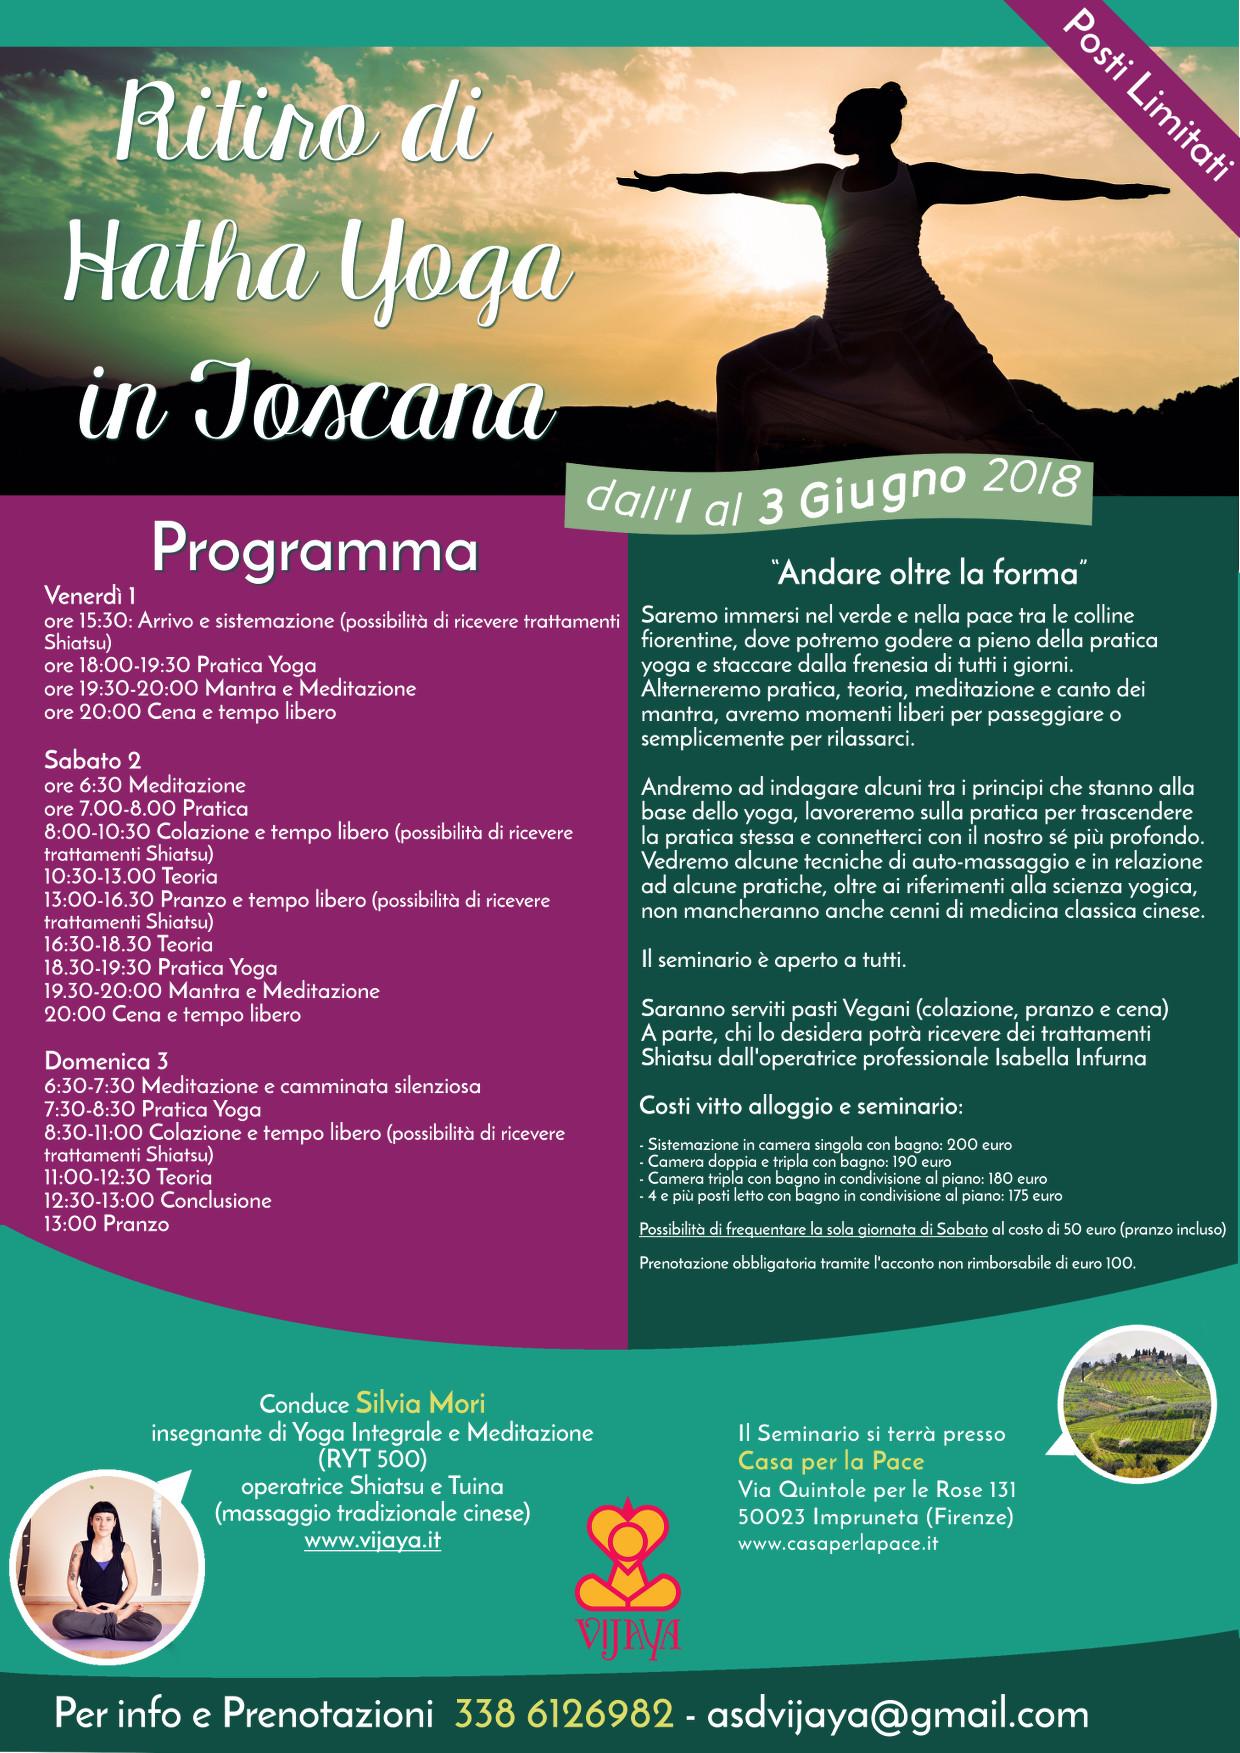 Ritiro di Yoga Estate All'aperto in Toscana Firenze